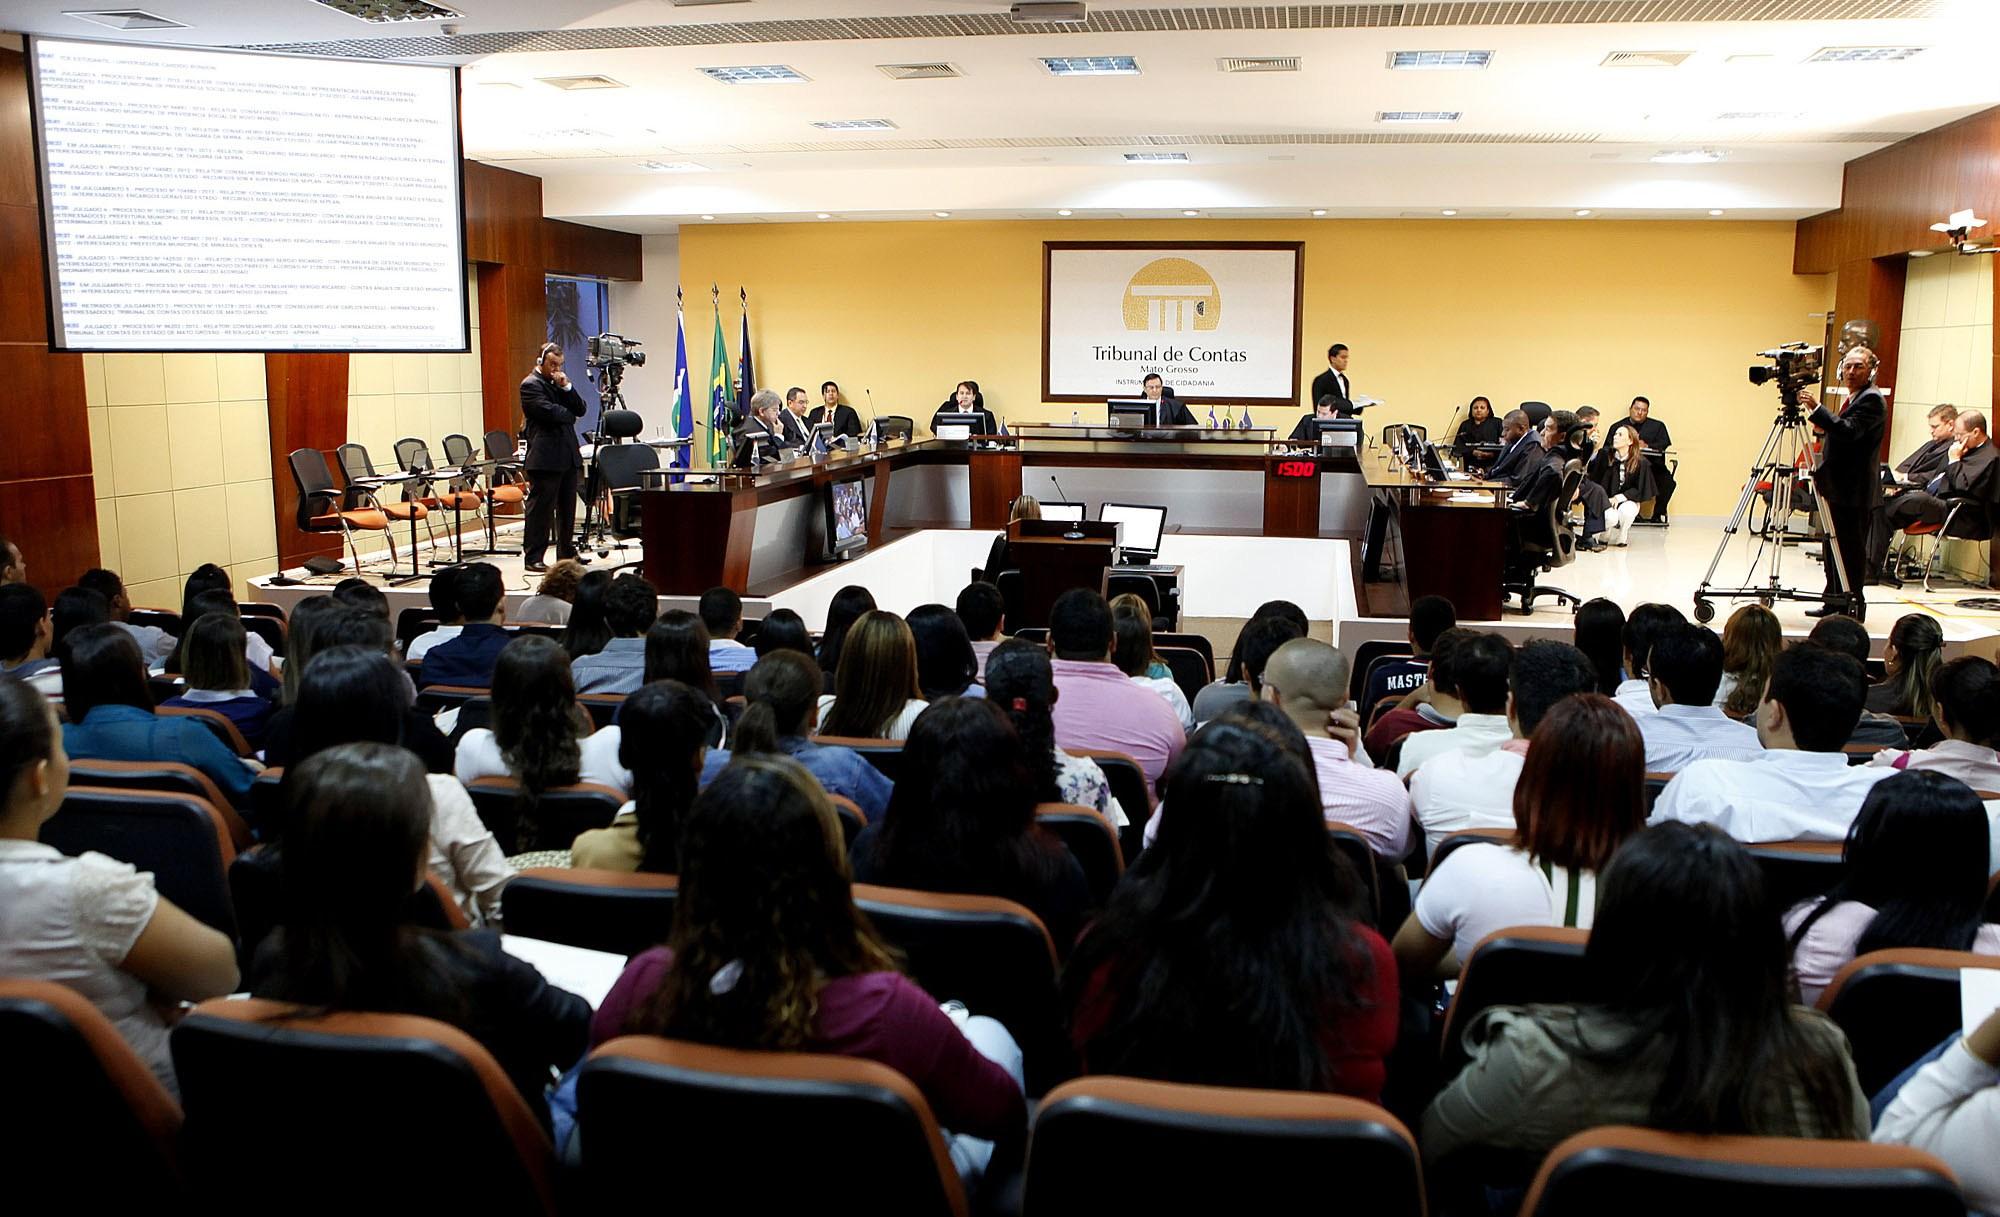 Ex-secretários da Sedec são multados por não fiscalizarem contrato de R$ 3 mi com Imac